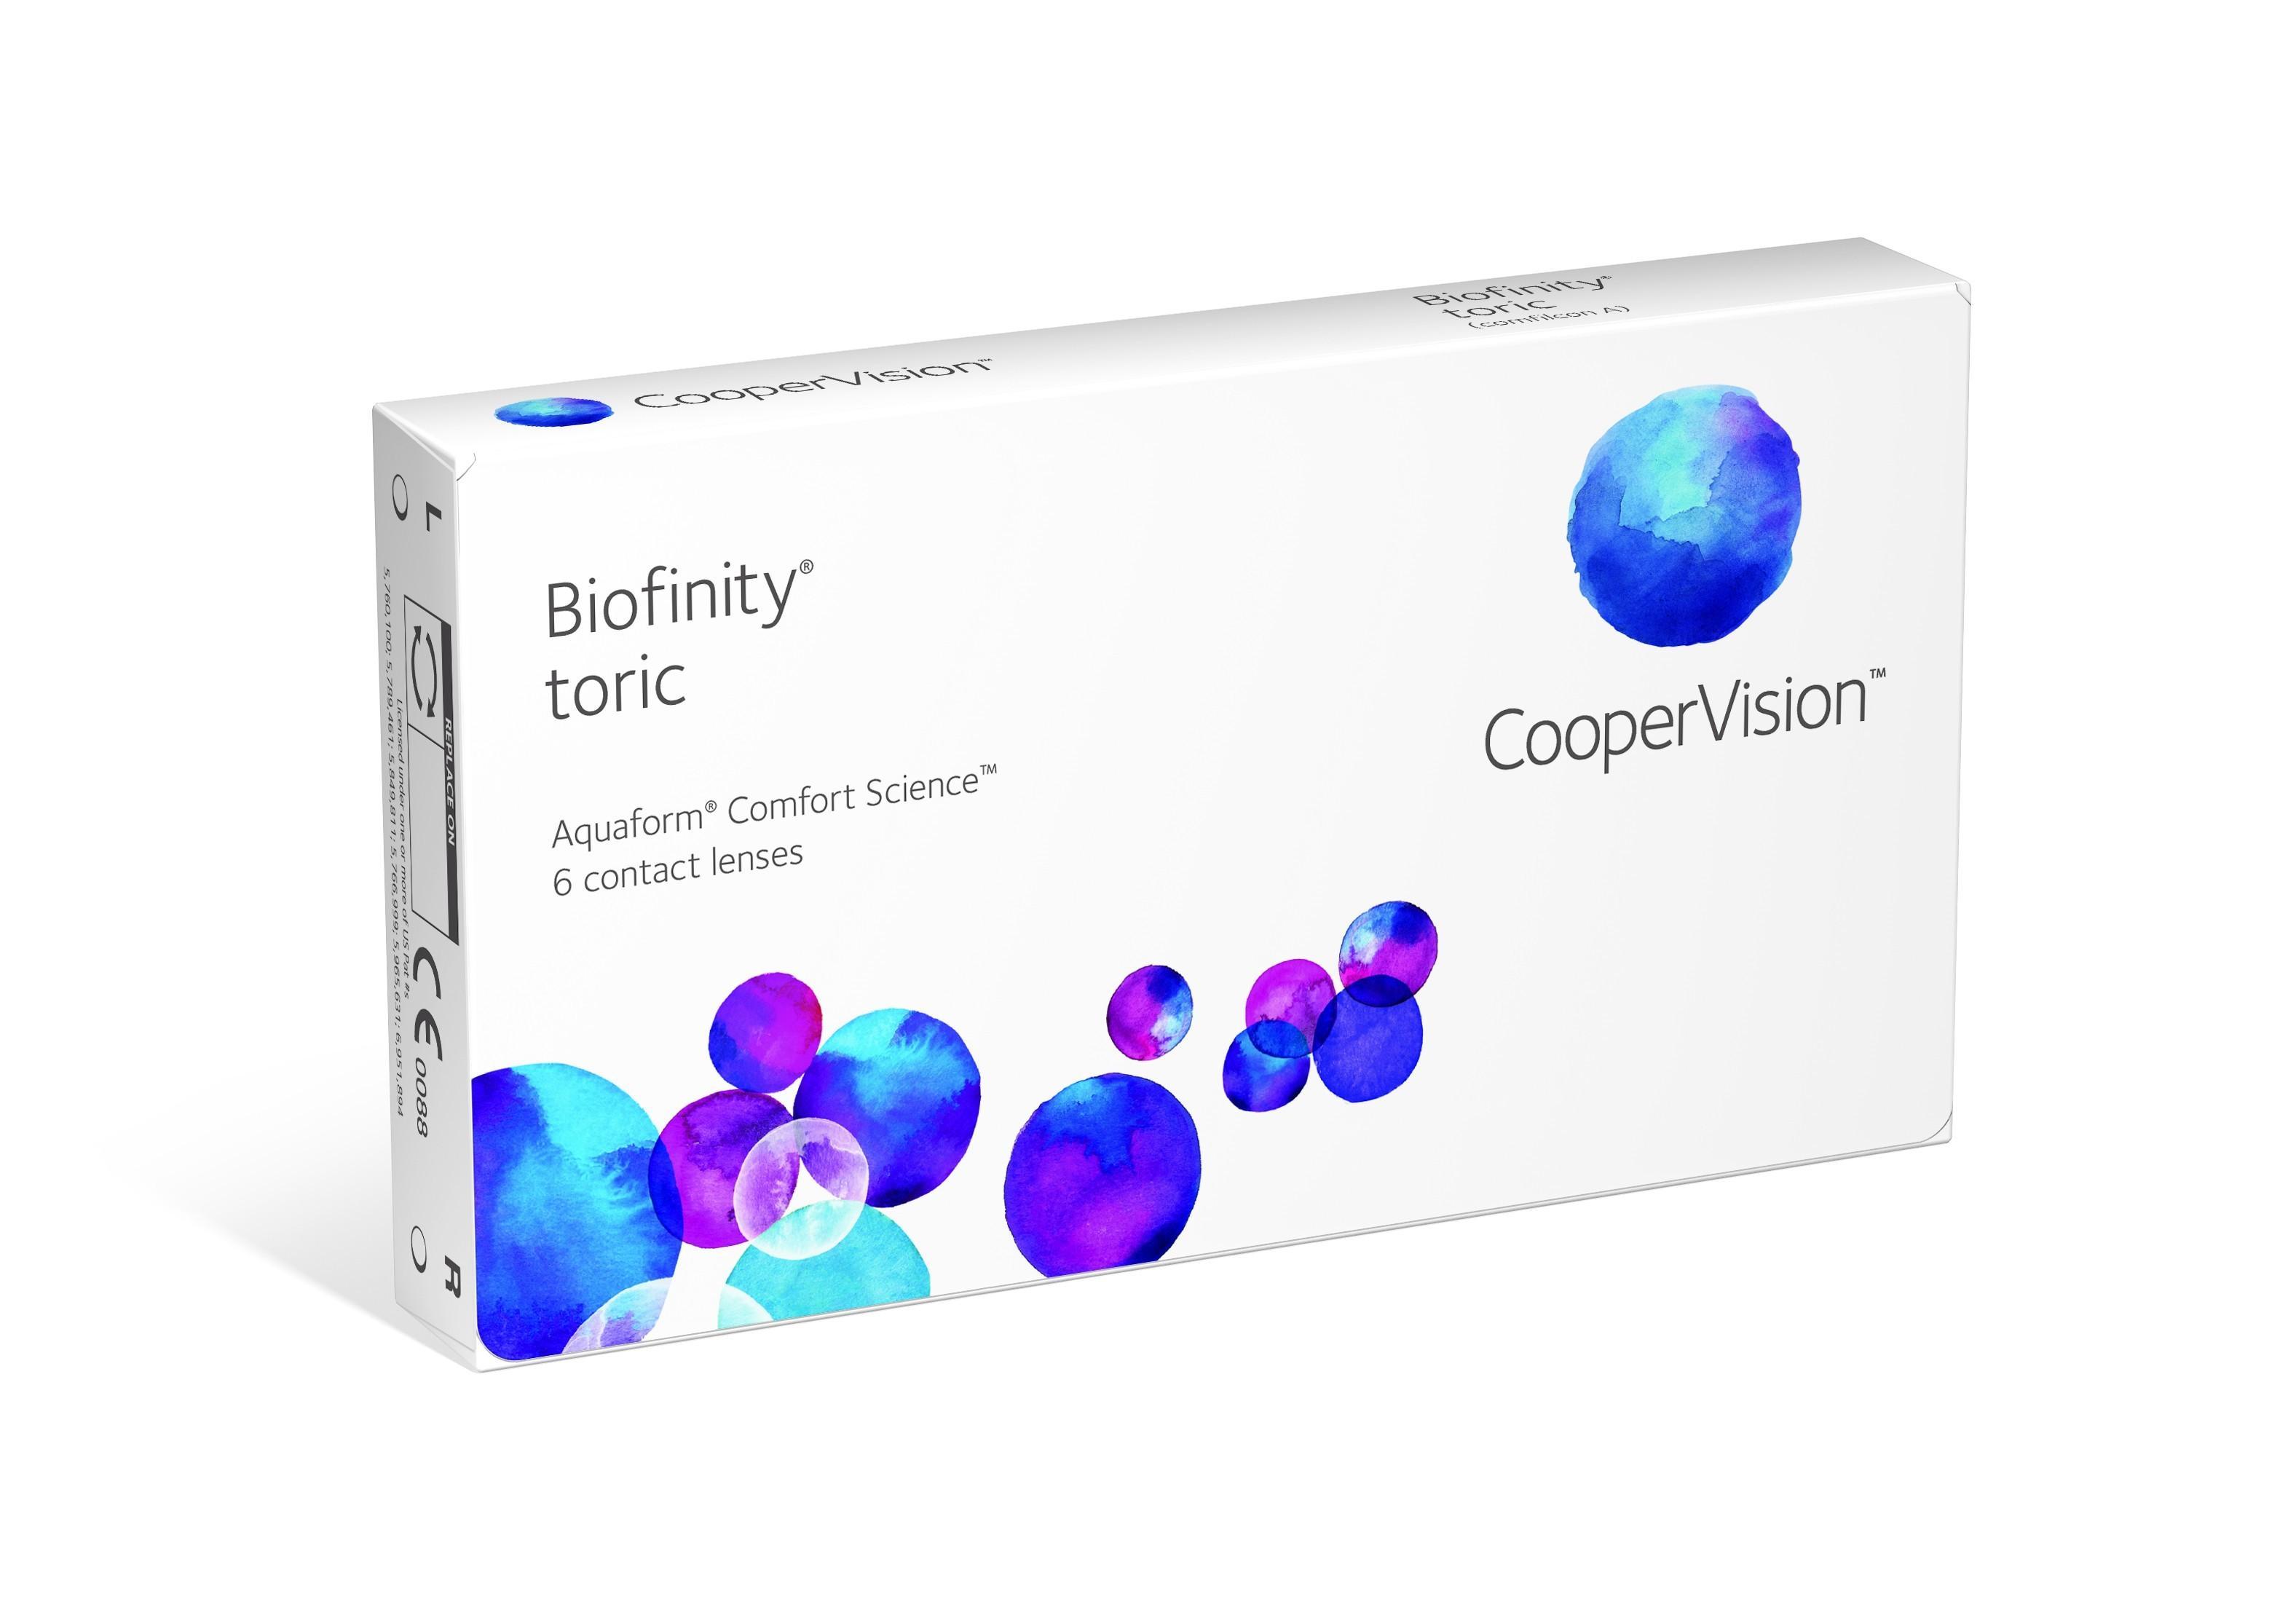 Biofinity Toric kuuajased toorilised läätsed